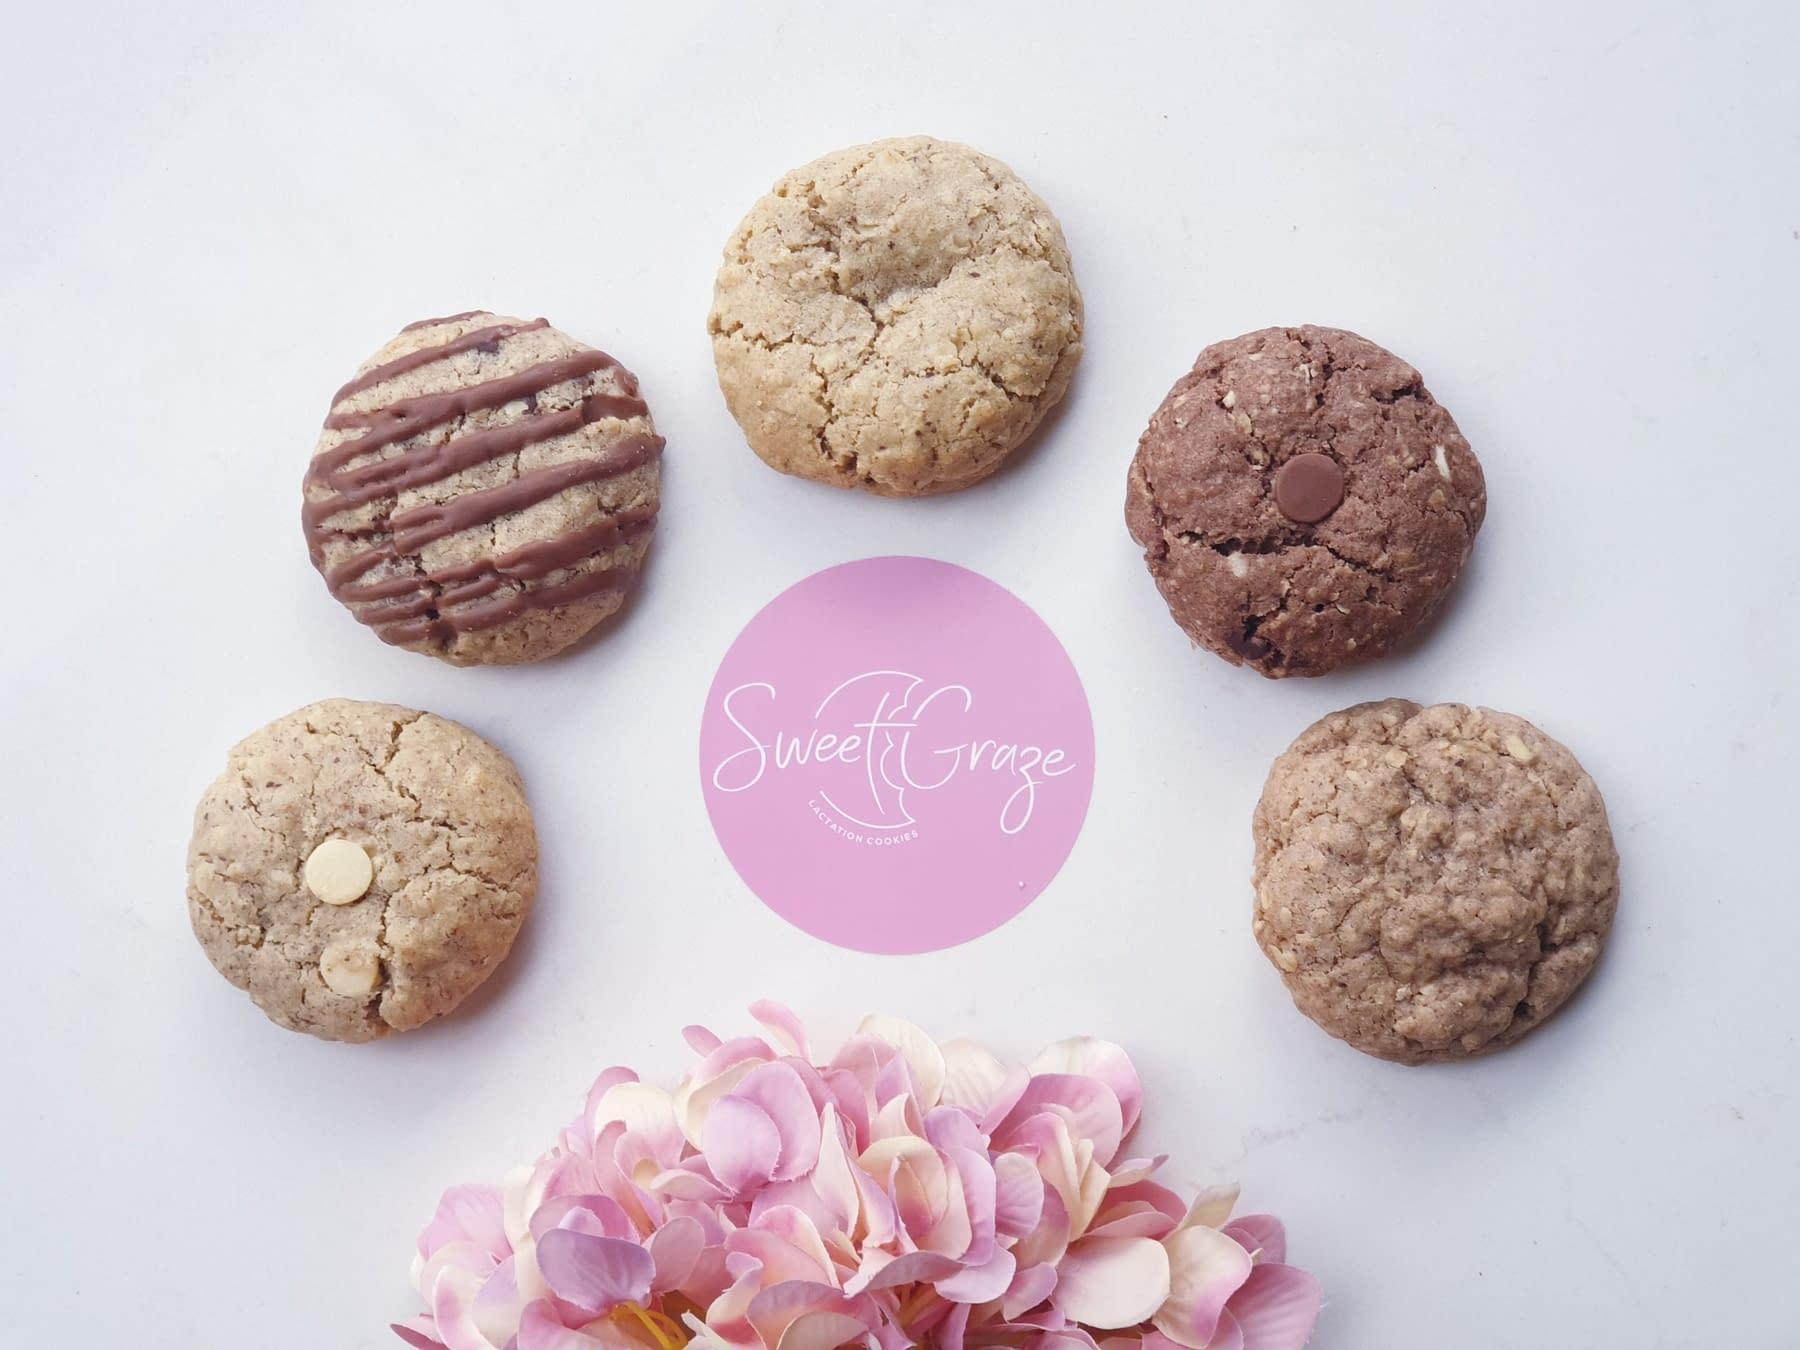 sweet graze lactation cookies melbourne australia